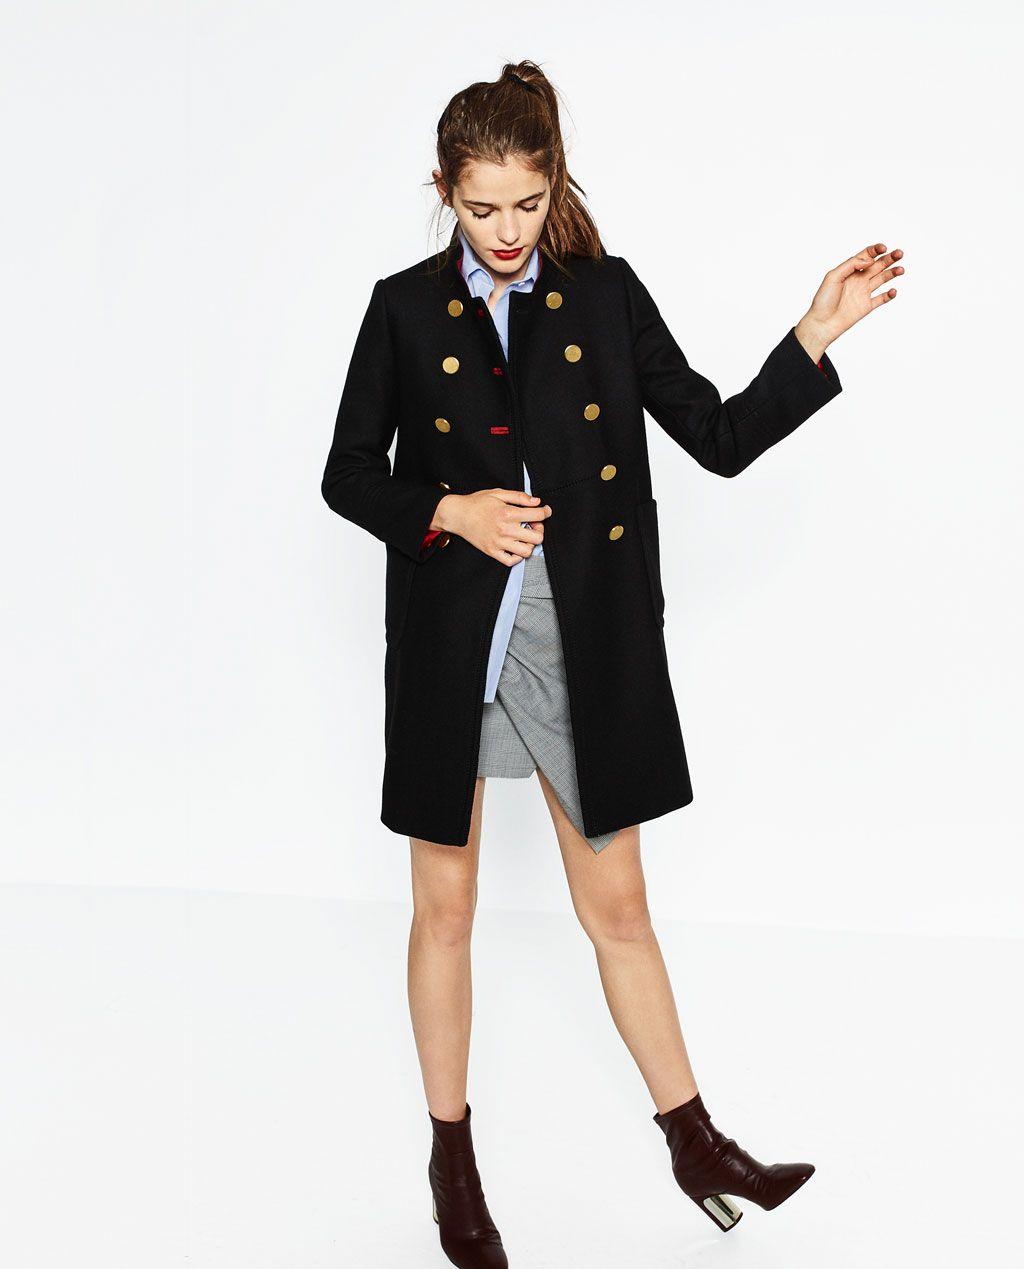 manteau deux rang es de boutons manteaux soldes femme. Black Bedroom Furniture Sets. Home Design Ideas